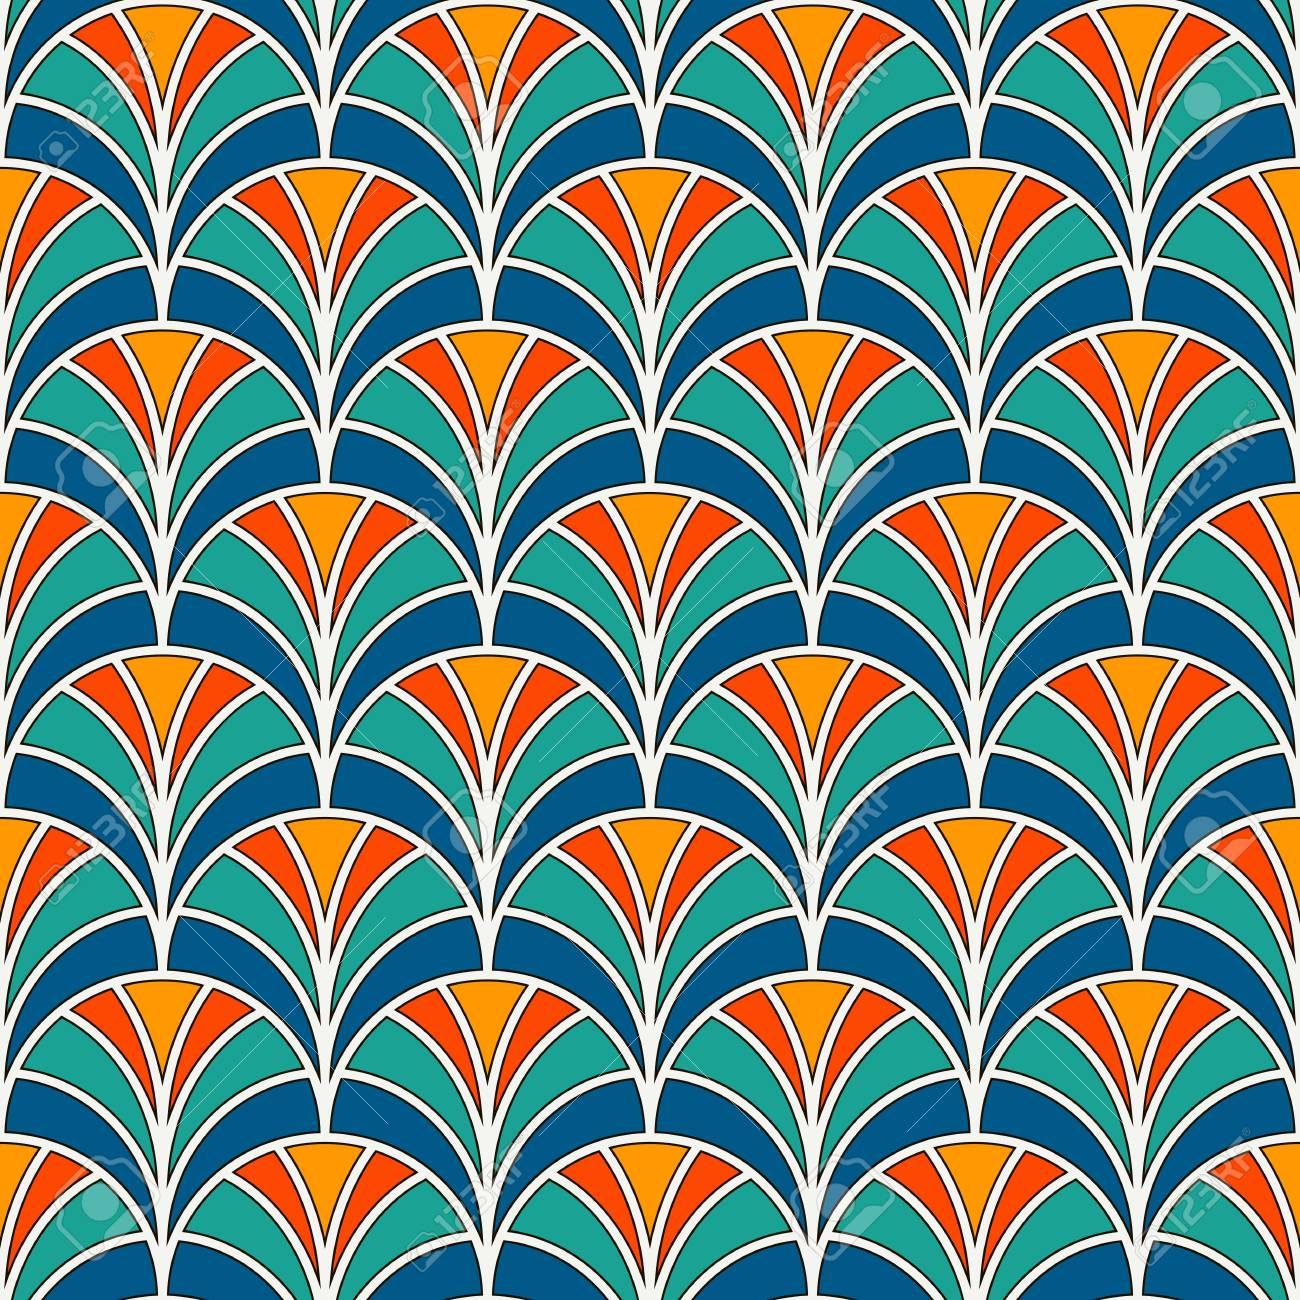 魚スケールの壁紙です 繰り返されたホタテとアジアの伝統的な飾り 手ファンのモチーフ 半円とのシームレスな表面パターン 東洋のデジタル ペーパー 繊維印刷 ページ入力 ベクター アートのイラスト素材 ベクタ Image